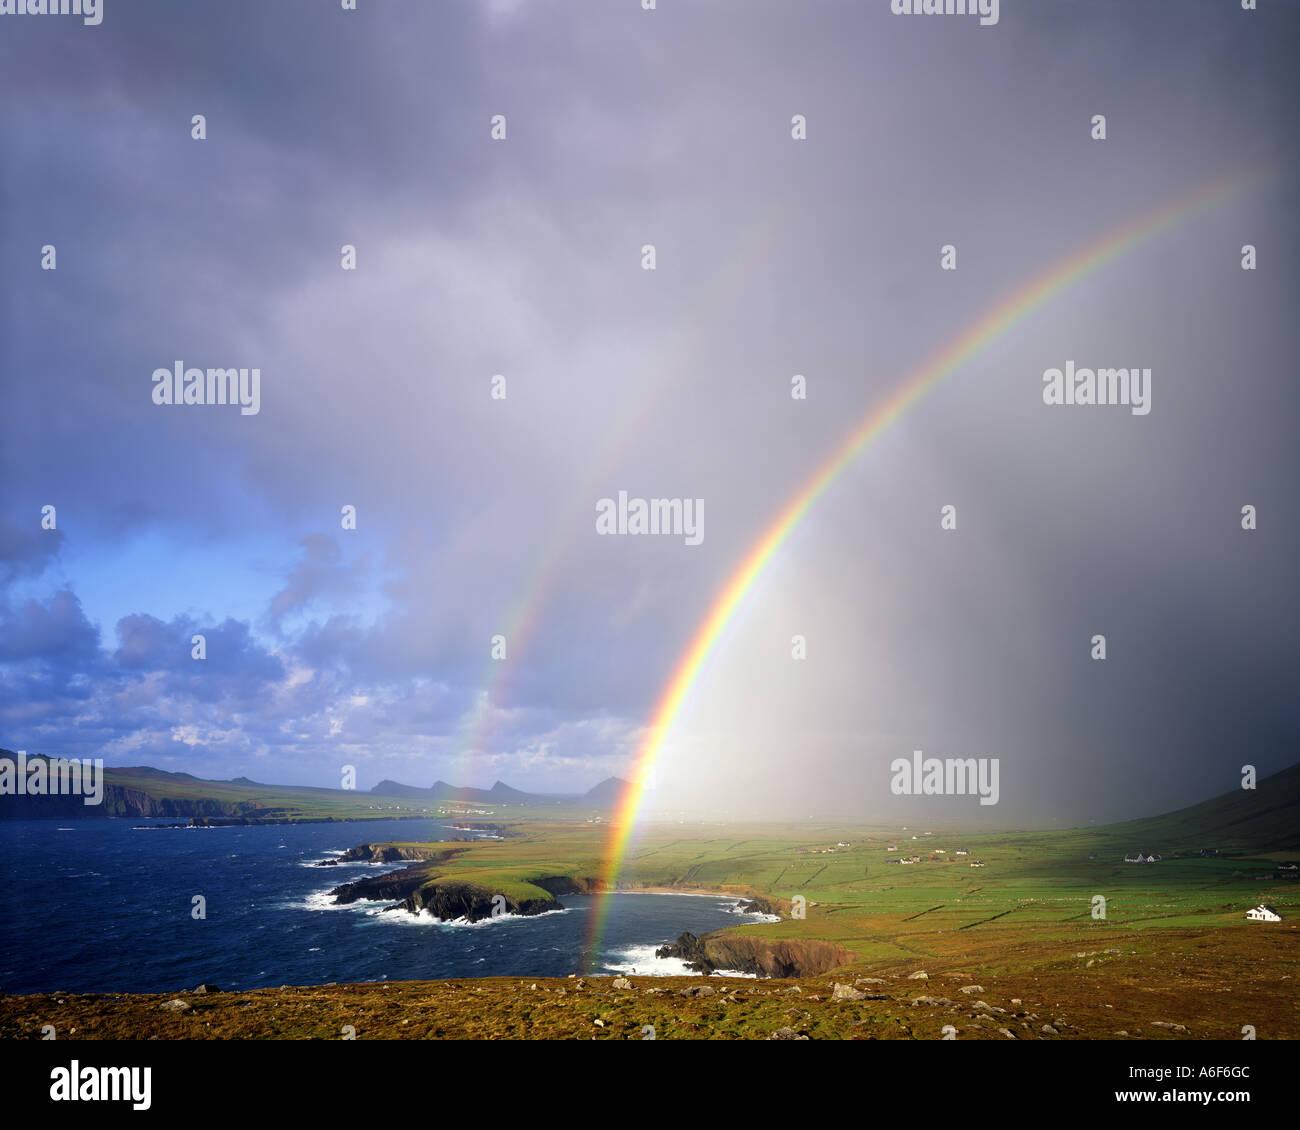 IE - comté de Kerry: Arc-en-ciel sur Ballyferriter Bay sur la péninsule de Dingle Photo Stock